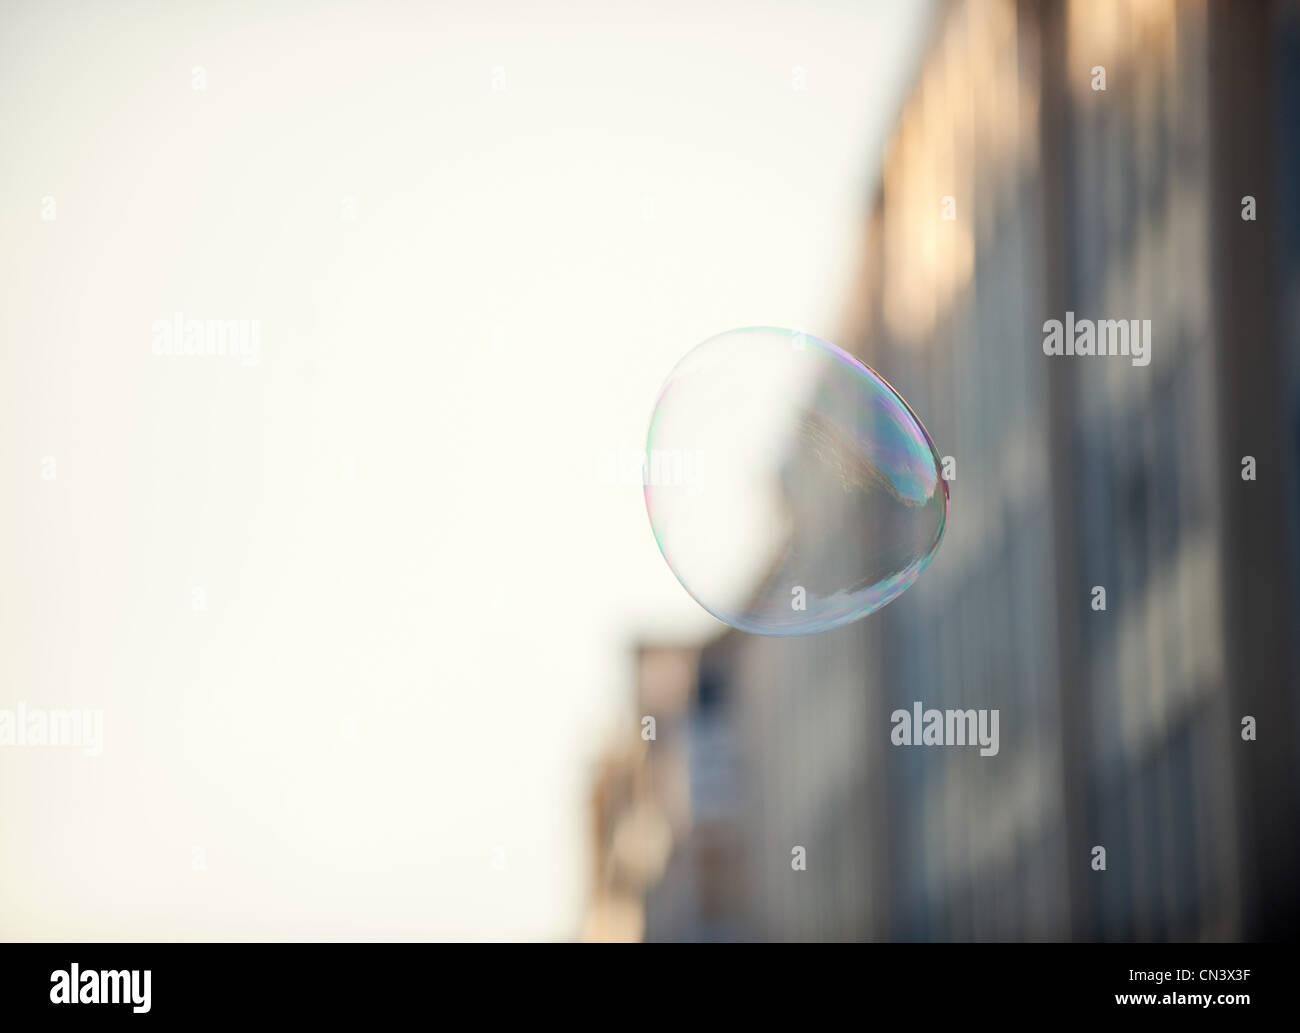 Une bulle flottant dans un environnement urbain Photo Stock